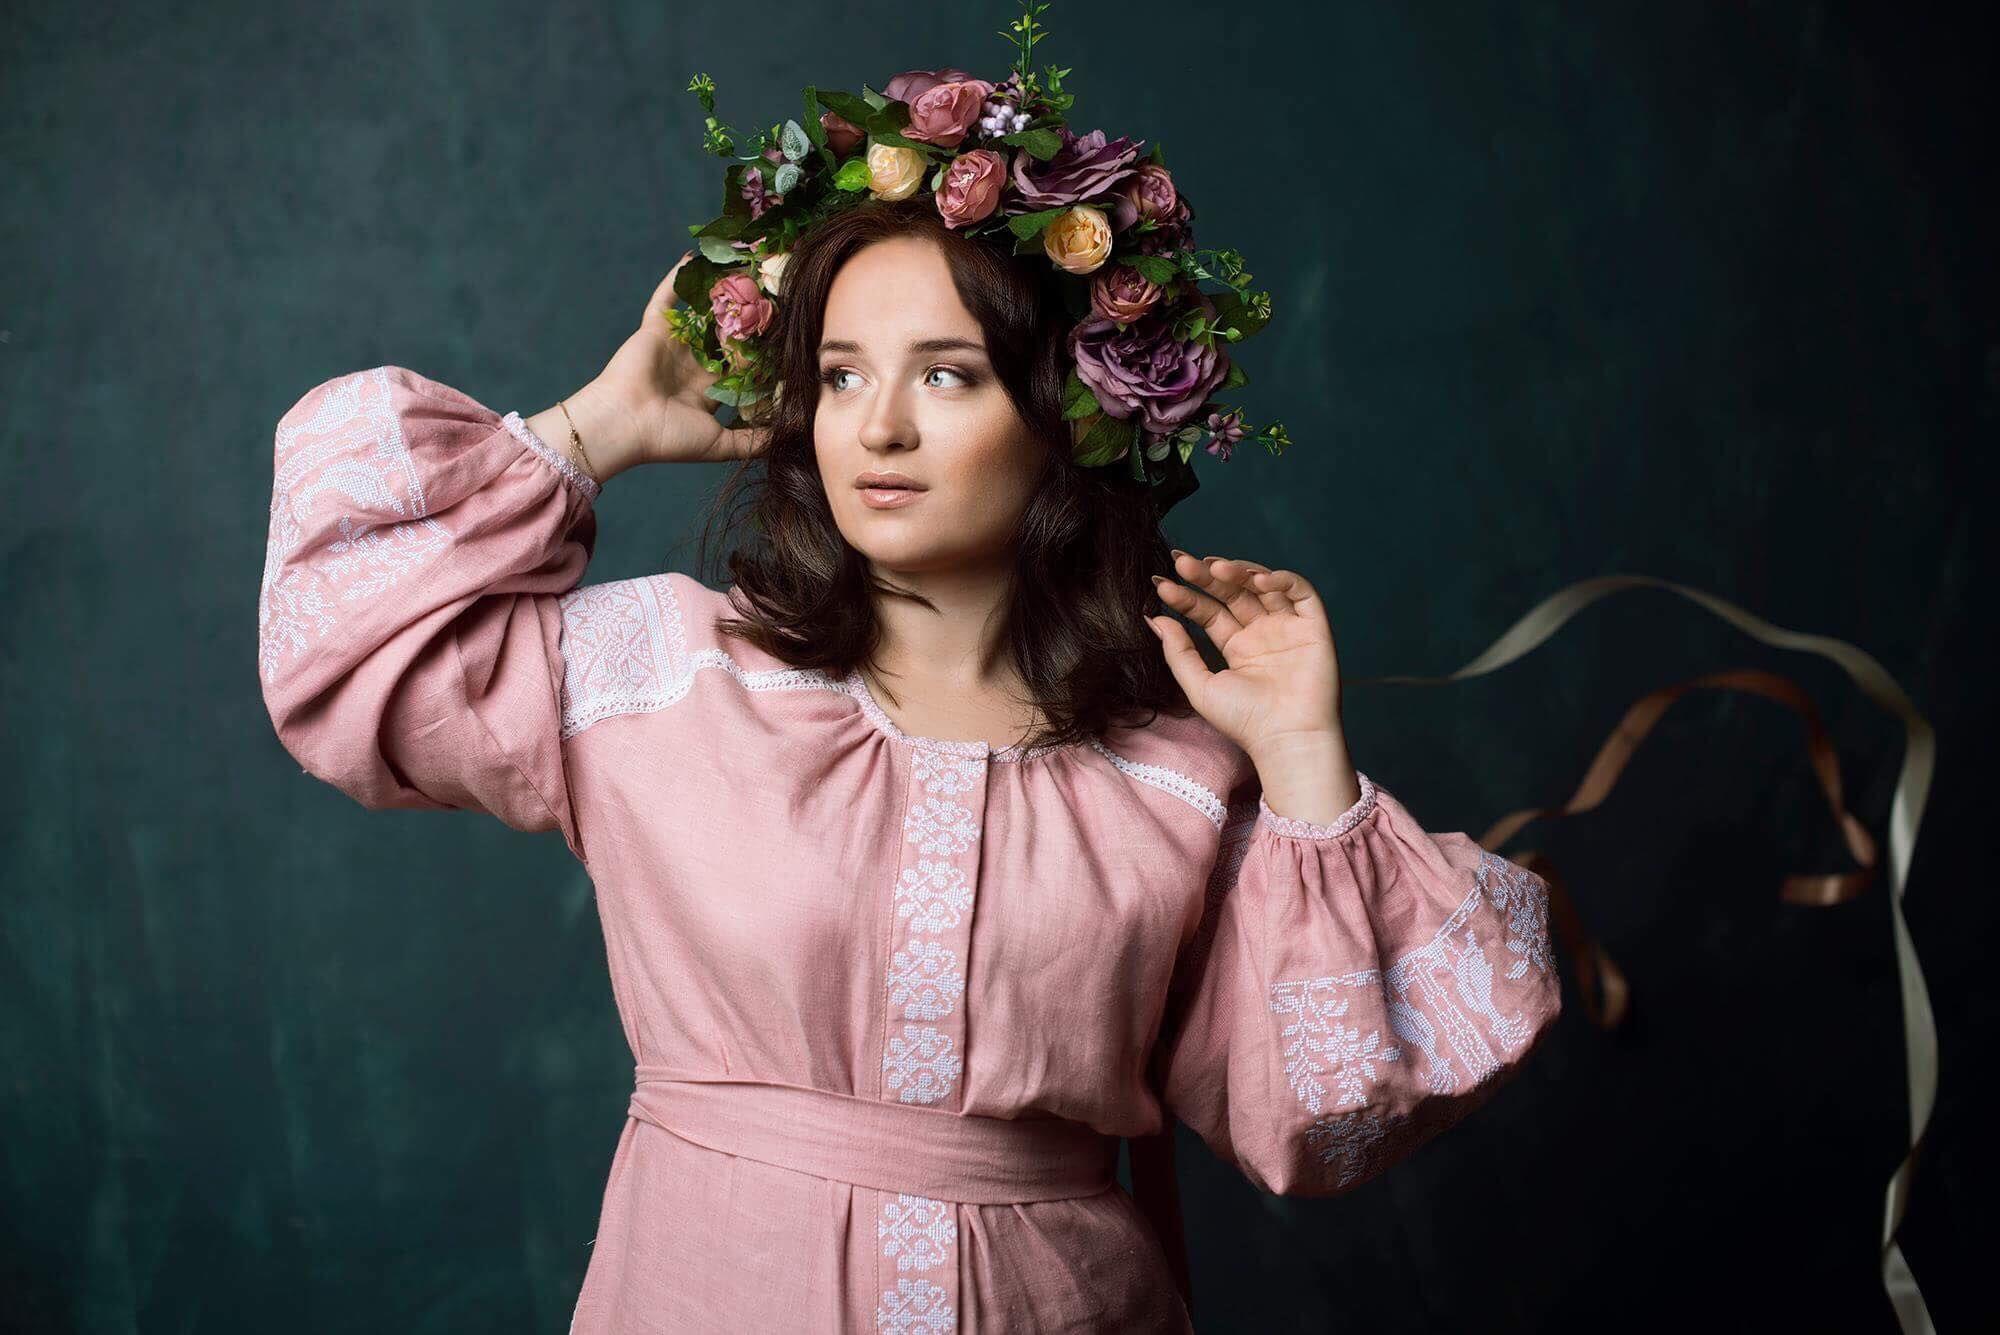 Олена Луценко, переможниця Голосу країни_2